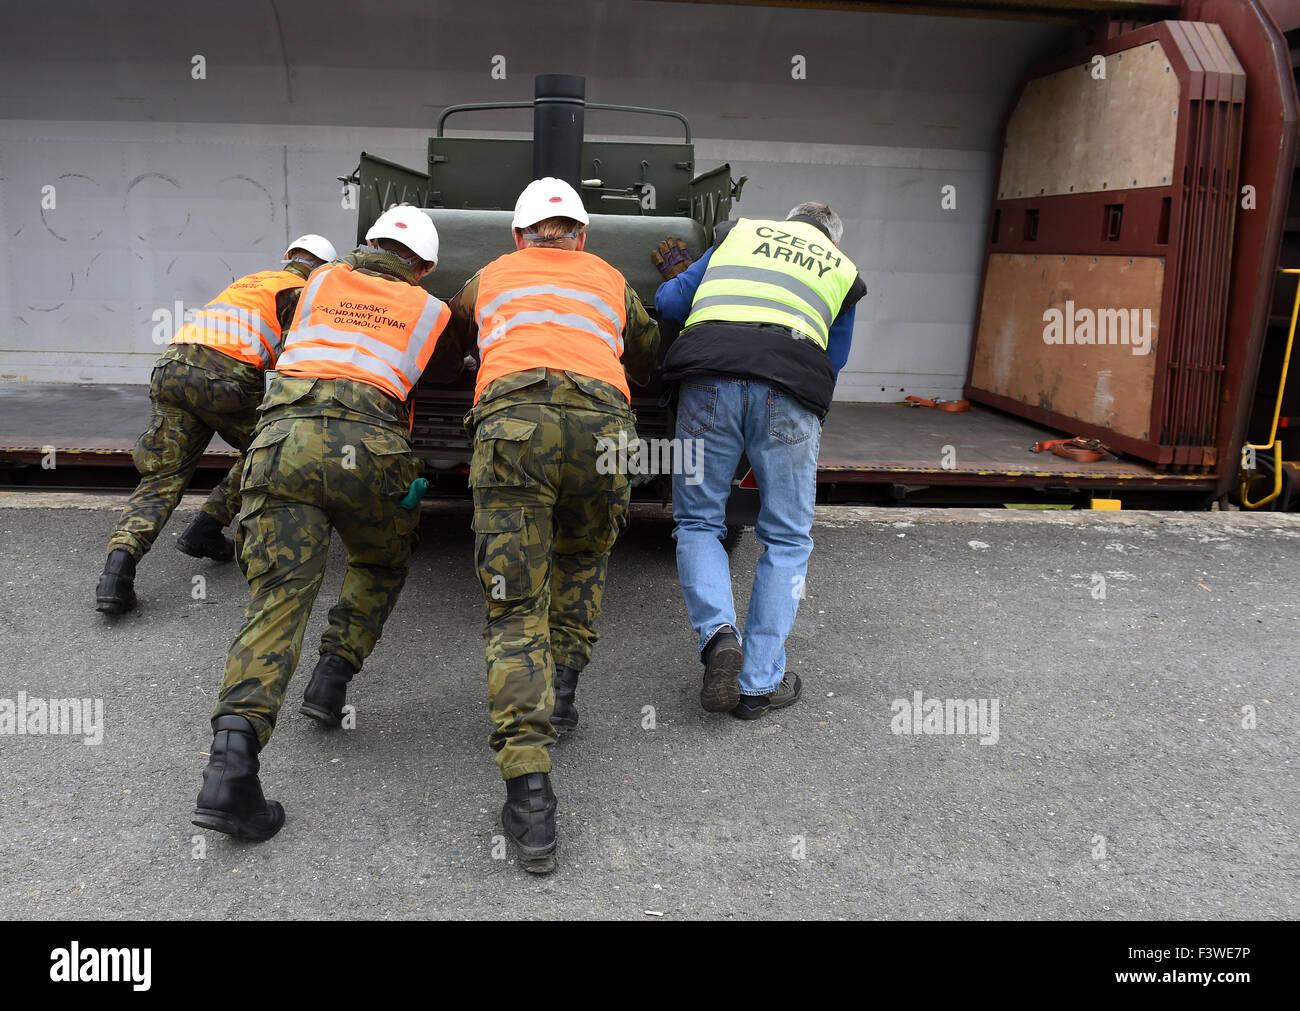 Olomouc, Tschechische Republik. 13. Oktober 2015. Tschechische Technische  Truppen Sind Für Ungarn